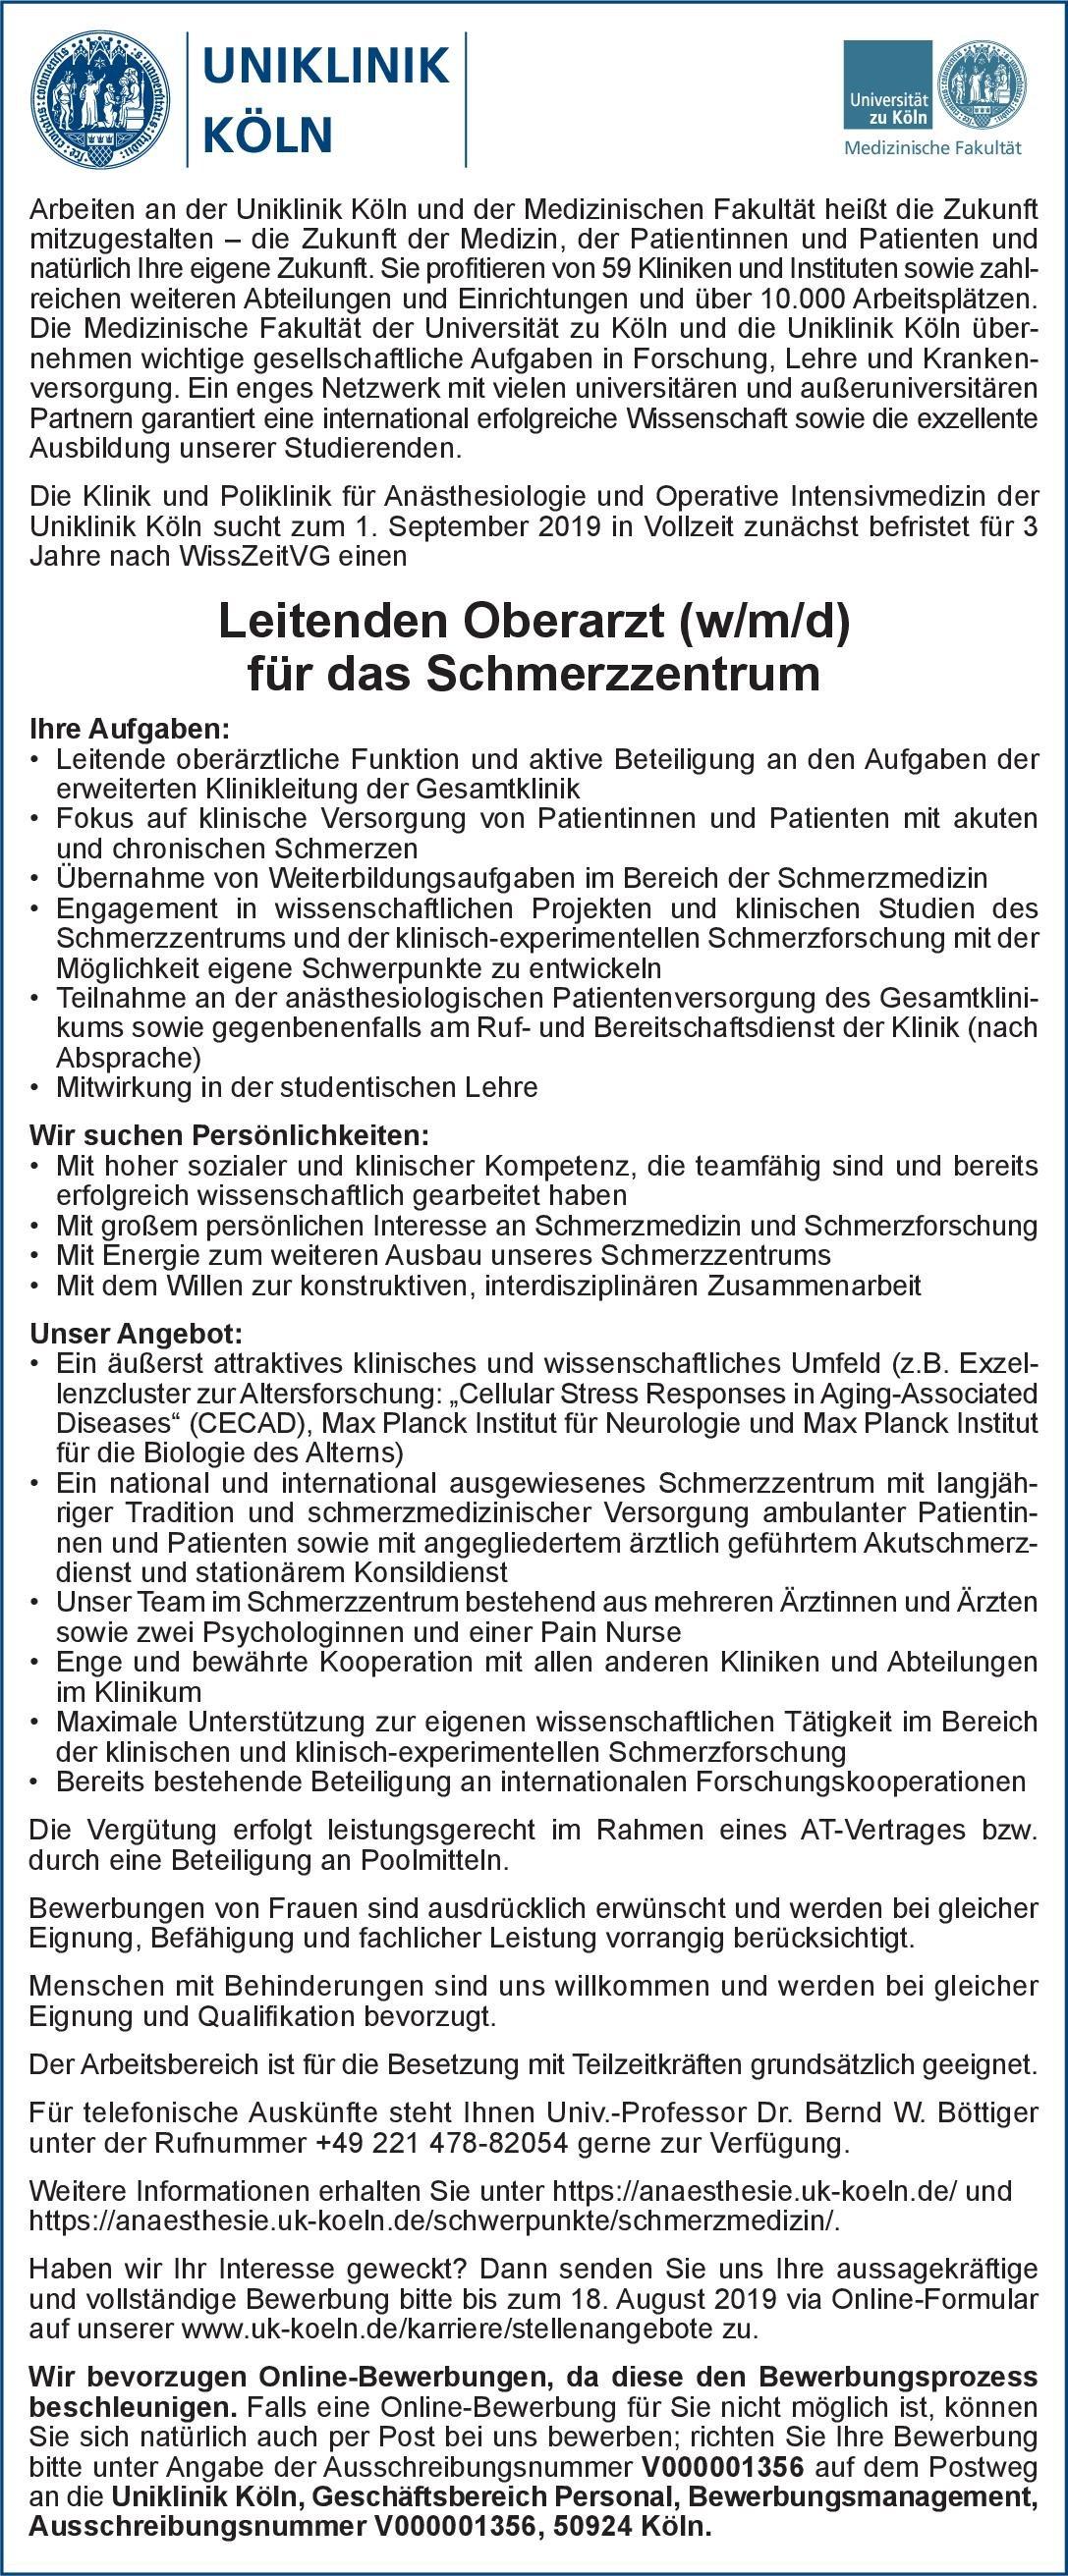 Uniklinik Köln Leitender Oberarzt (w/m/d) für das Schmerzzentrum Anästhesiologie / Intensivmedizin Ärztl. Leiter, Oberarzt